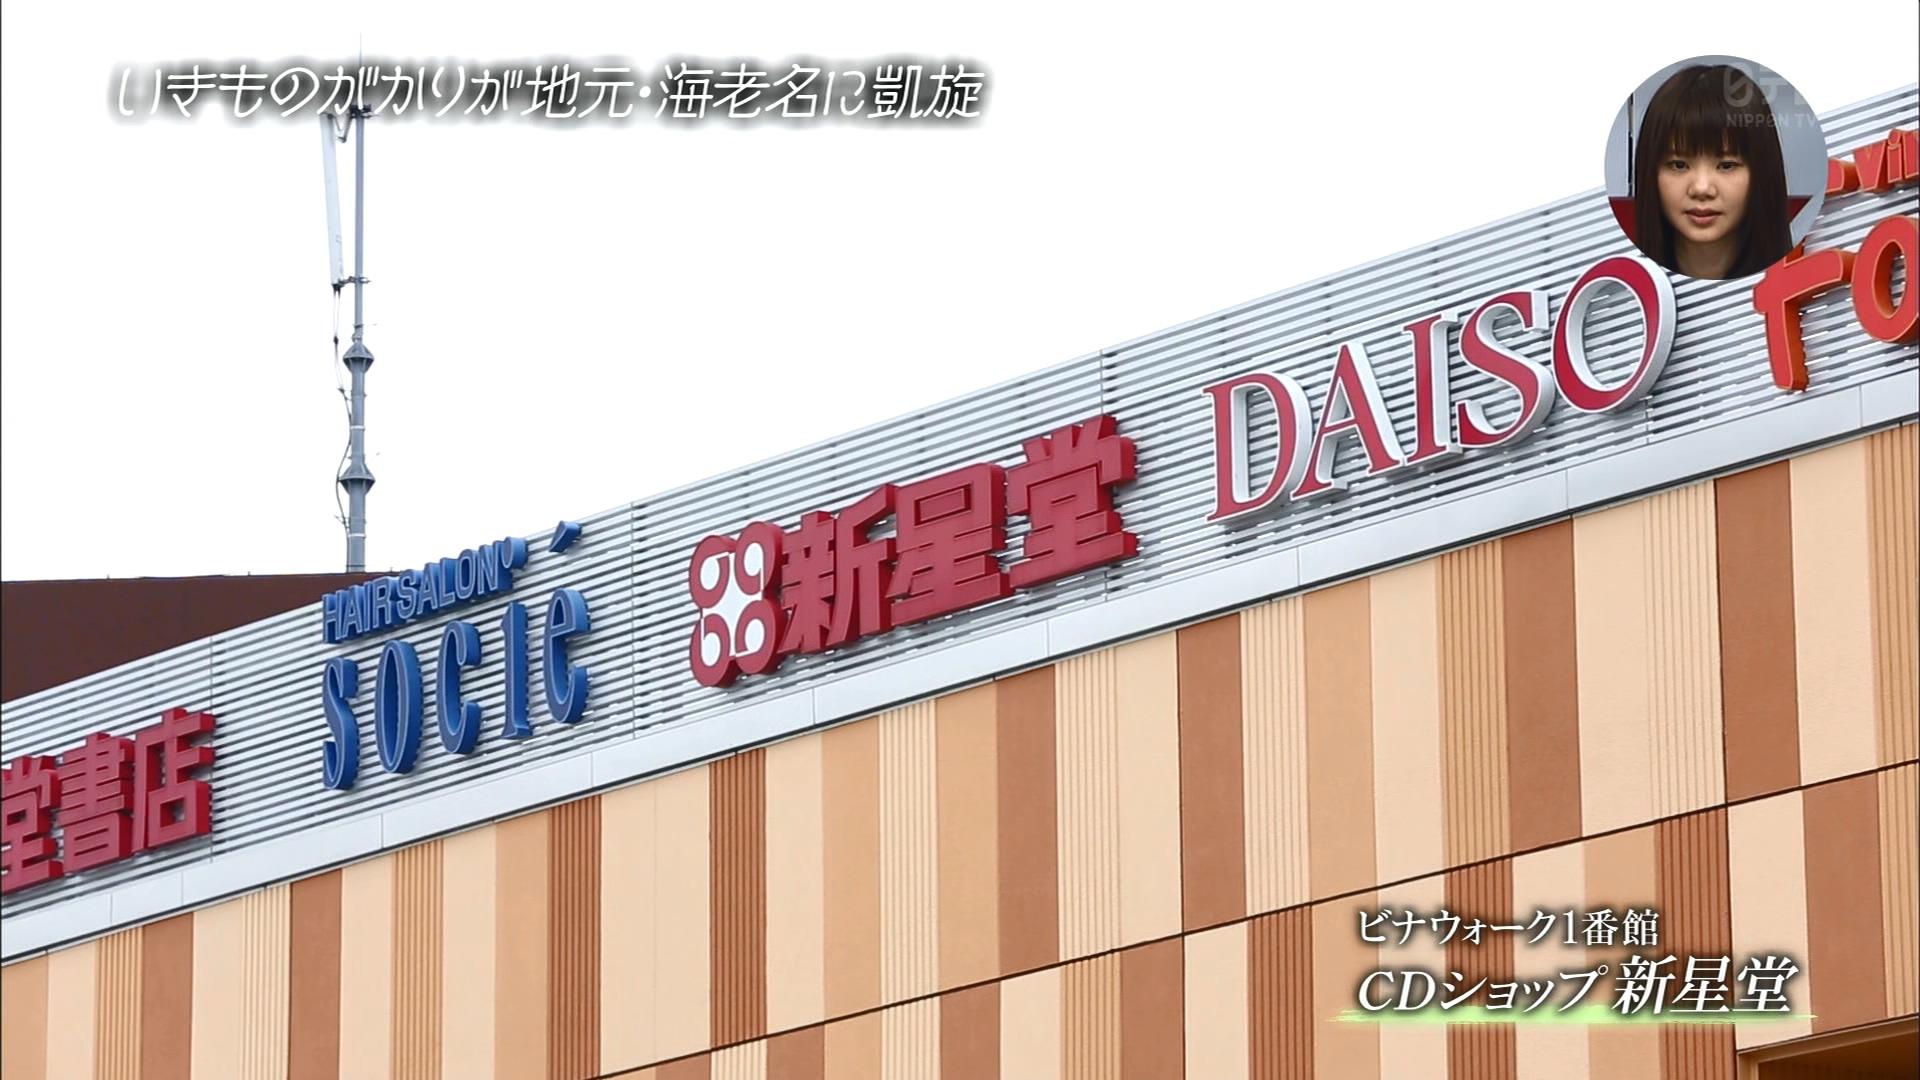 2016.03.13 全場(おしゃれイズム).ts_20160314_010702.418